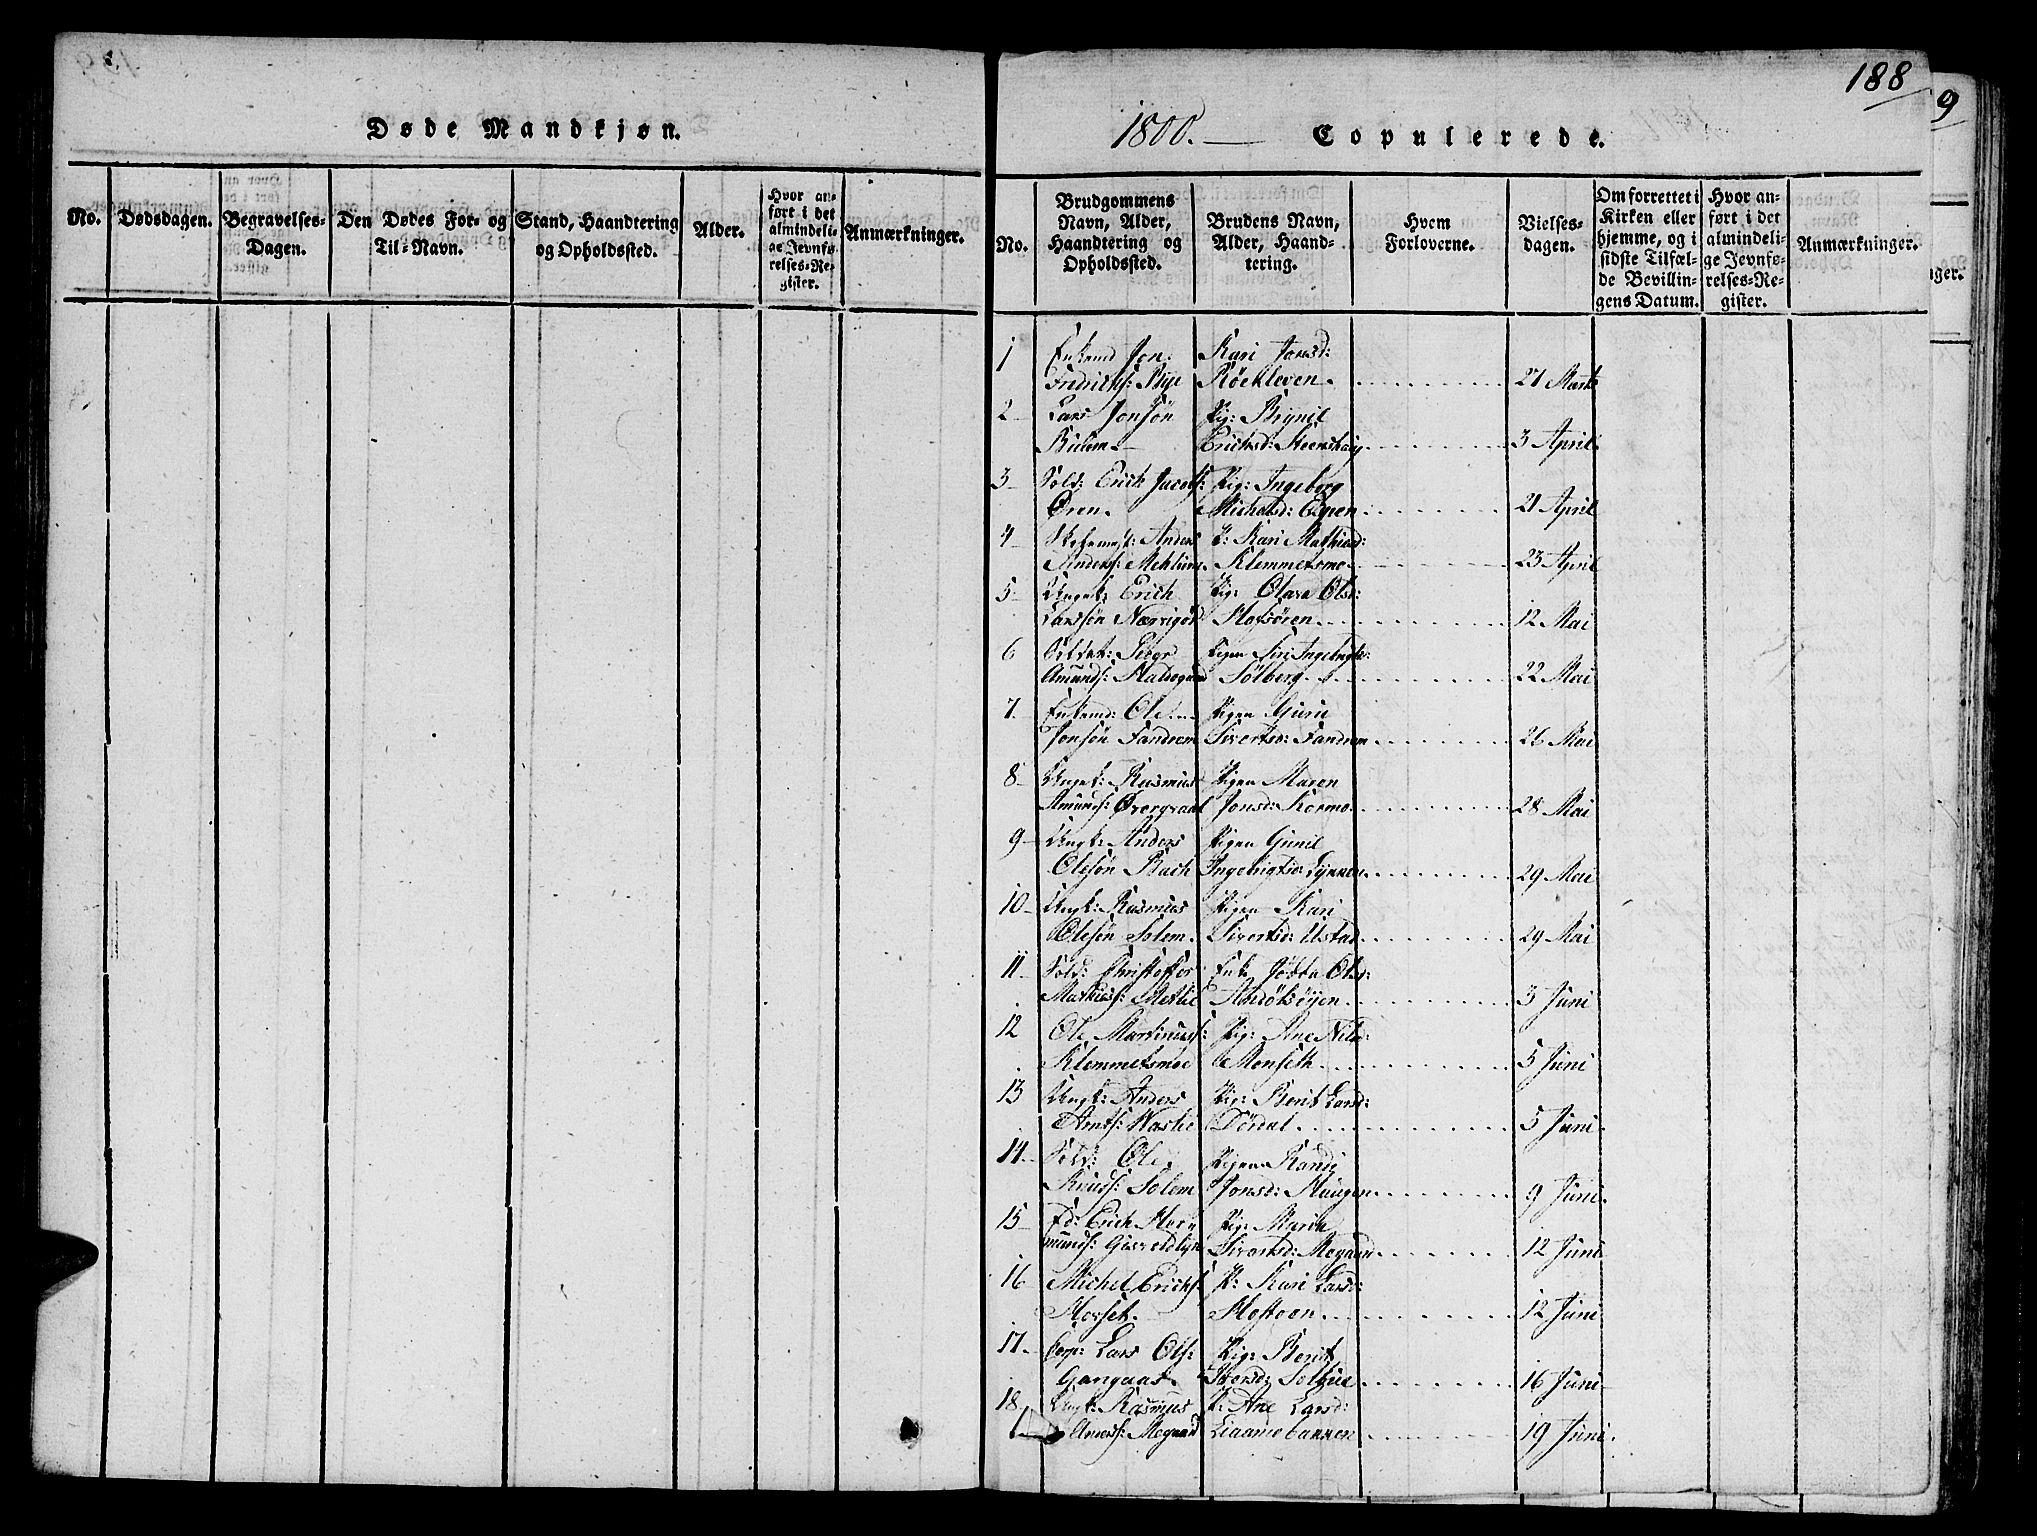 SAT, Ministerialprotokoller, klokkerbøker og fødselsregistre - Sør-Trøndelag, 668/L0803: Ministerialbok nr. 668A03, 1800-1826, s. 188